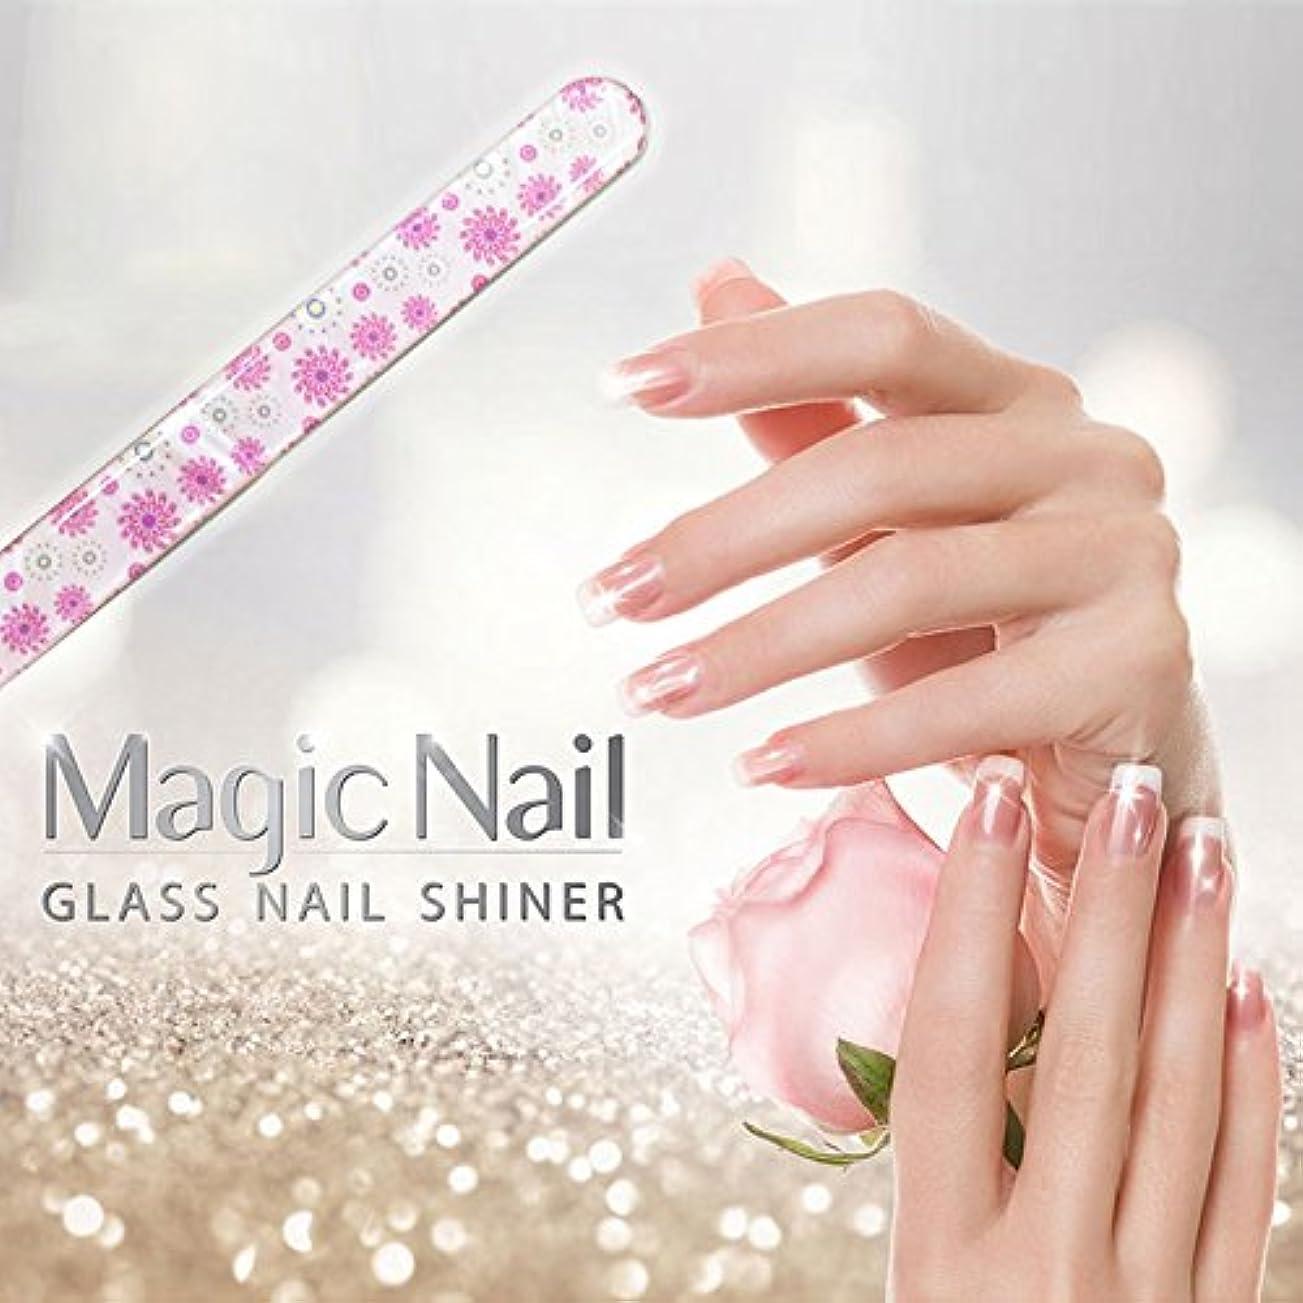 競合他社選手平和的禁じるエッサンテ(Essante) マジックネイル magic nail マニキュアを塗ったようなツヤ、輝きが家で誰でも簡単に出来る glass nail shiner ガラスネイルシャイナー おしゃれなデザイン つめやすり ツメヤスリ バッファー